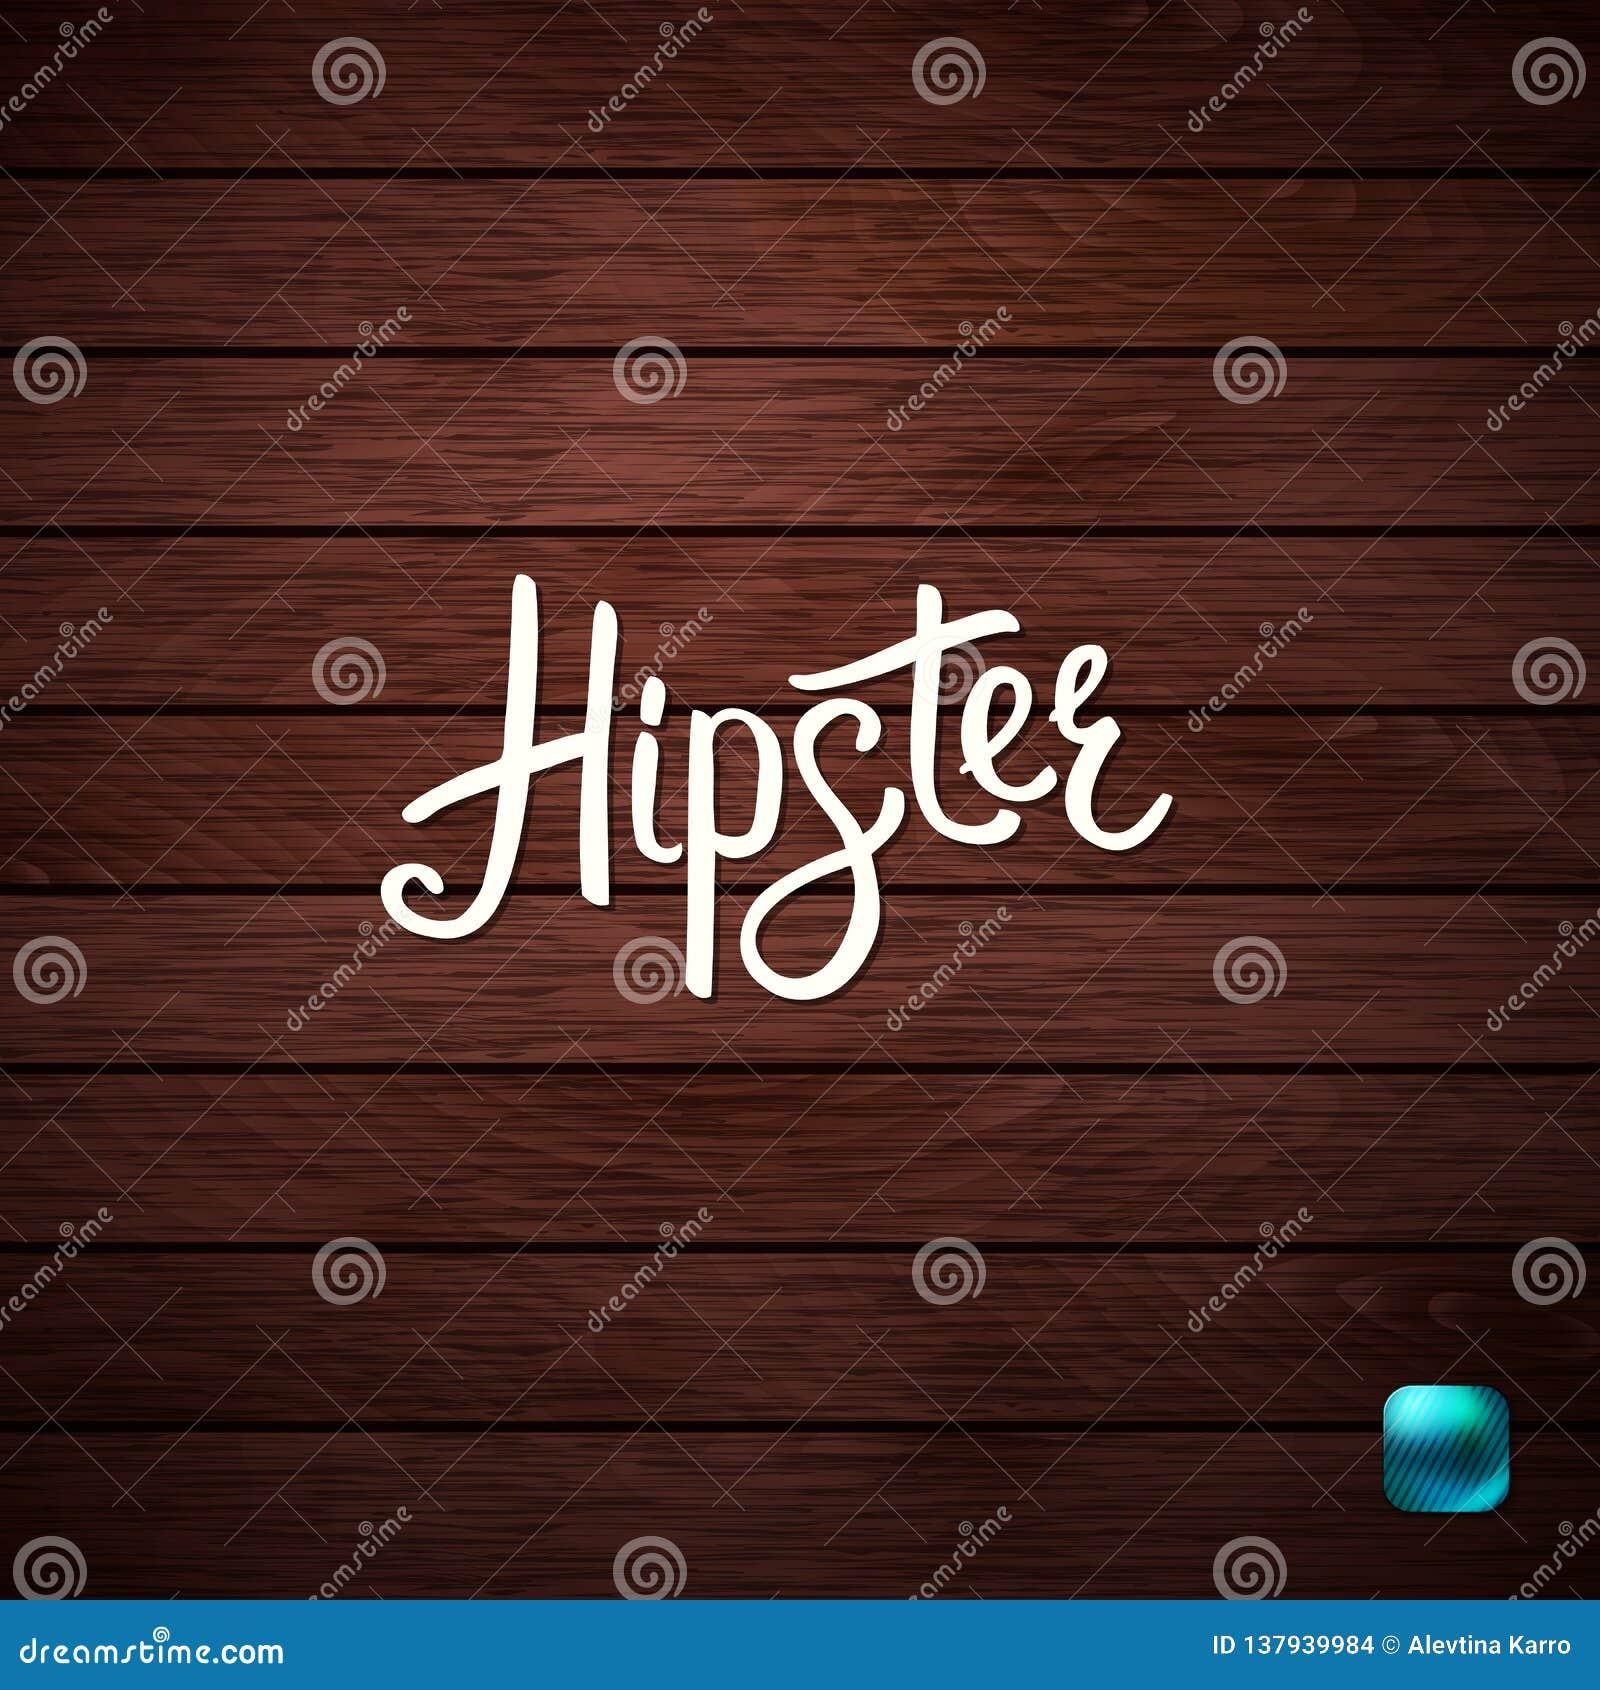 Μοντέρνο κείμενο Hipster στο αφηρημένο ξύλινο υπόβαθρο